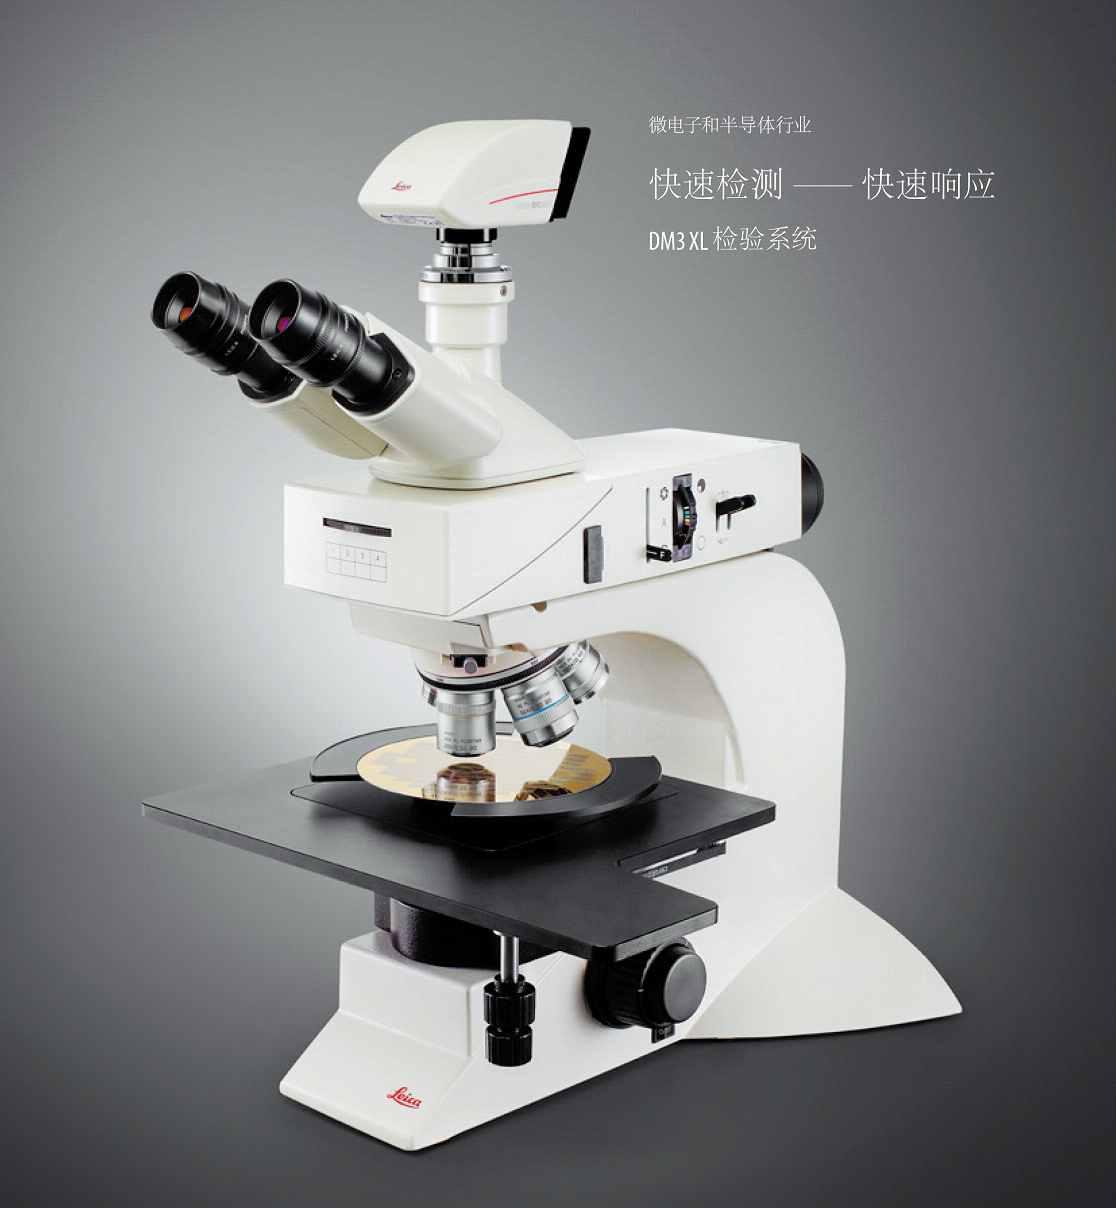 徕卡DM3 XL 正置显微镜